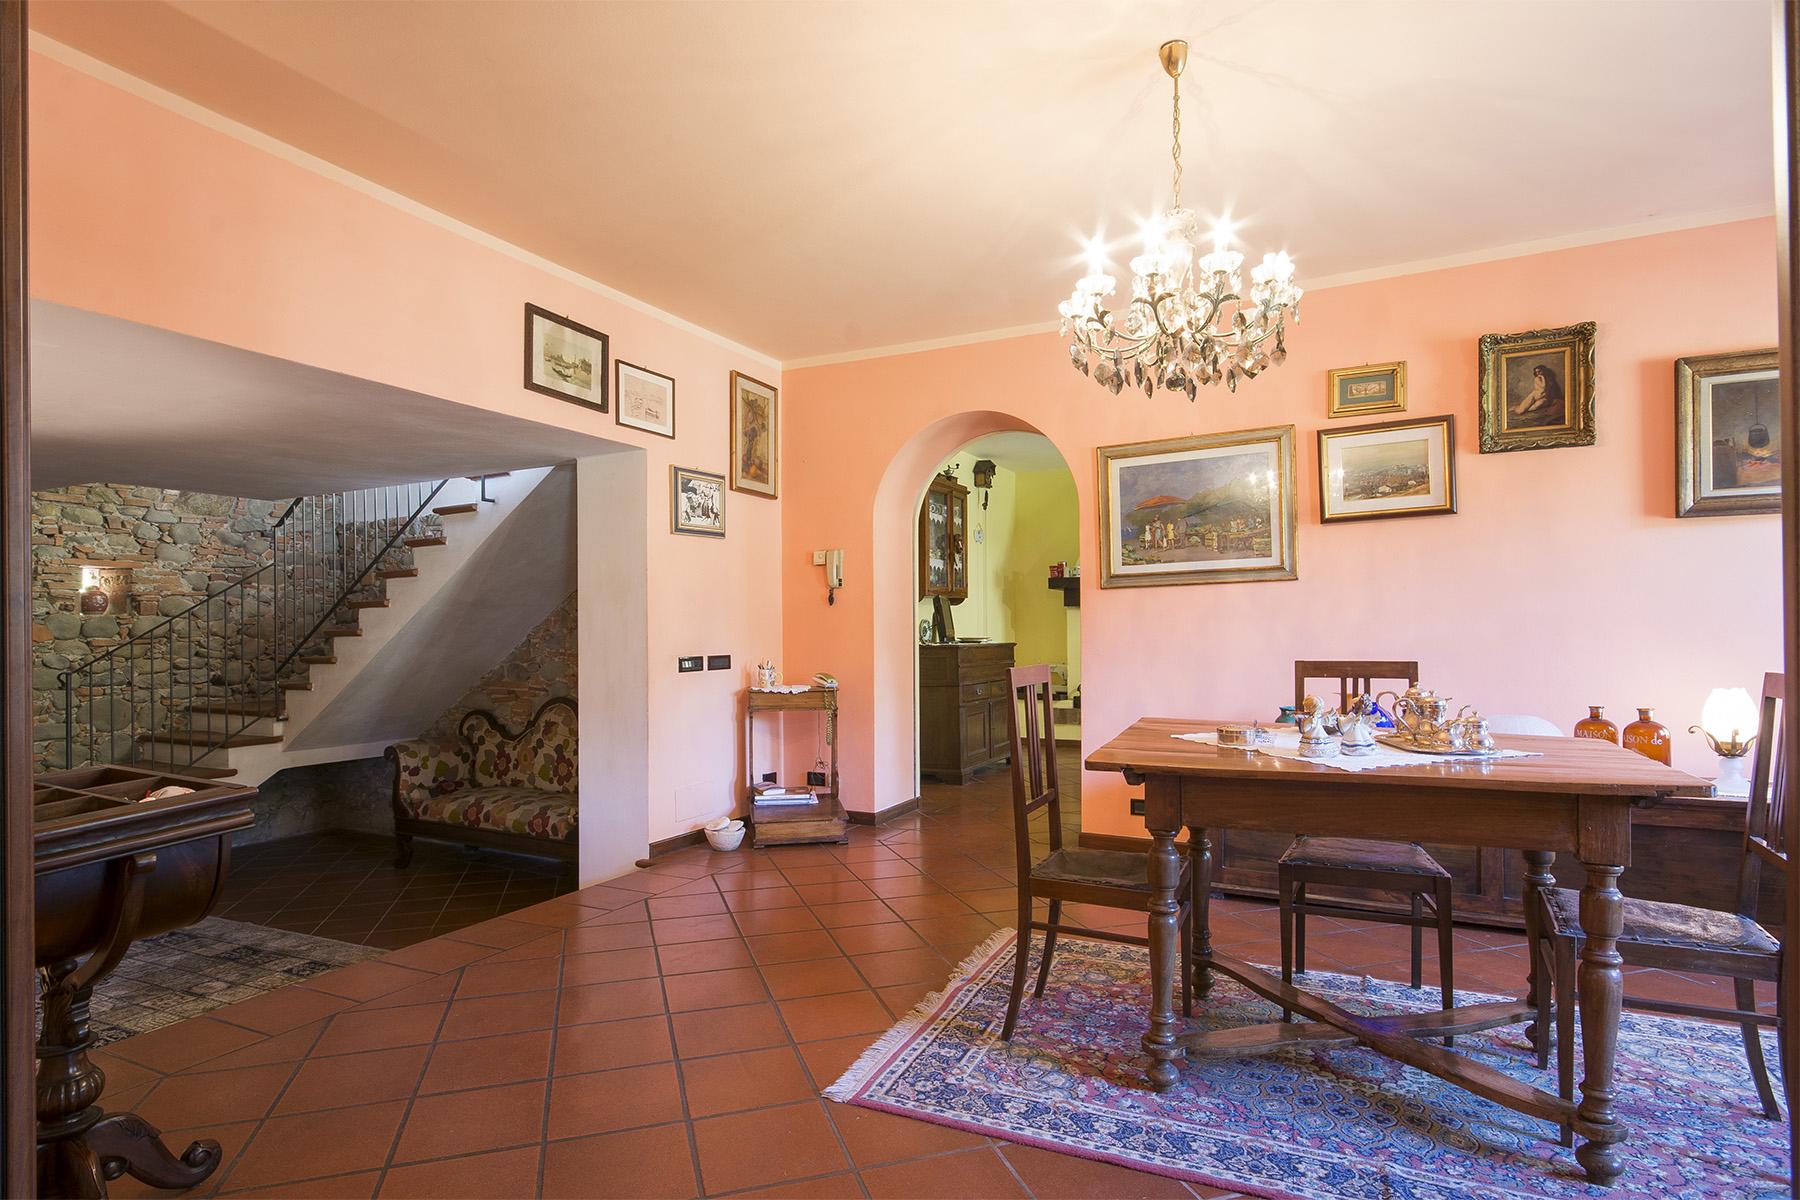 Rustico in Vendita a Capannori: 5 locali, 400 mq - Foto 22